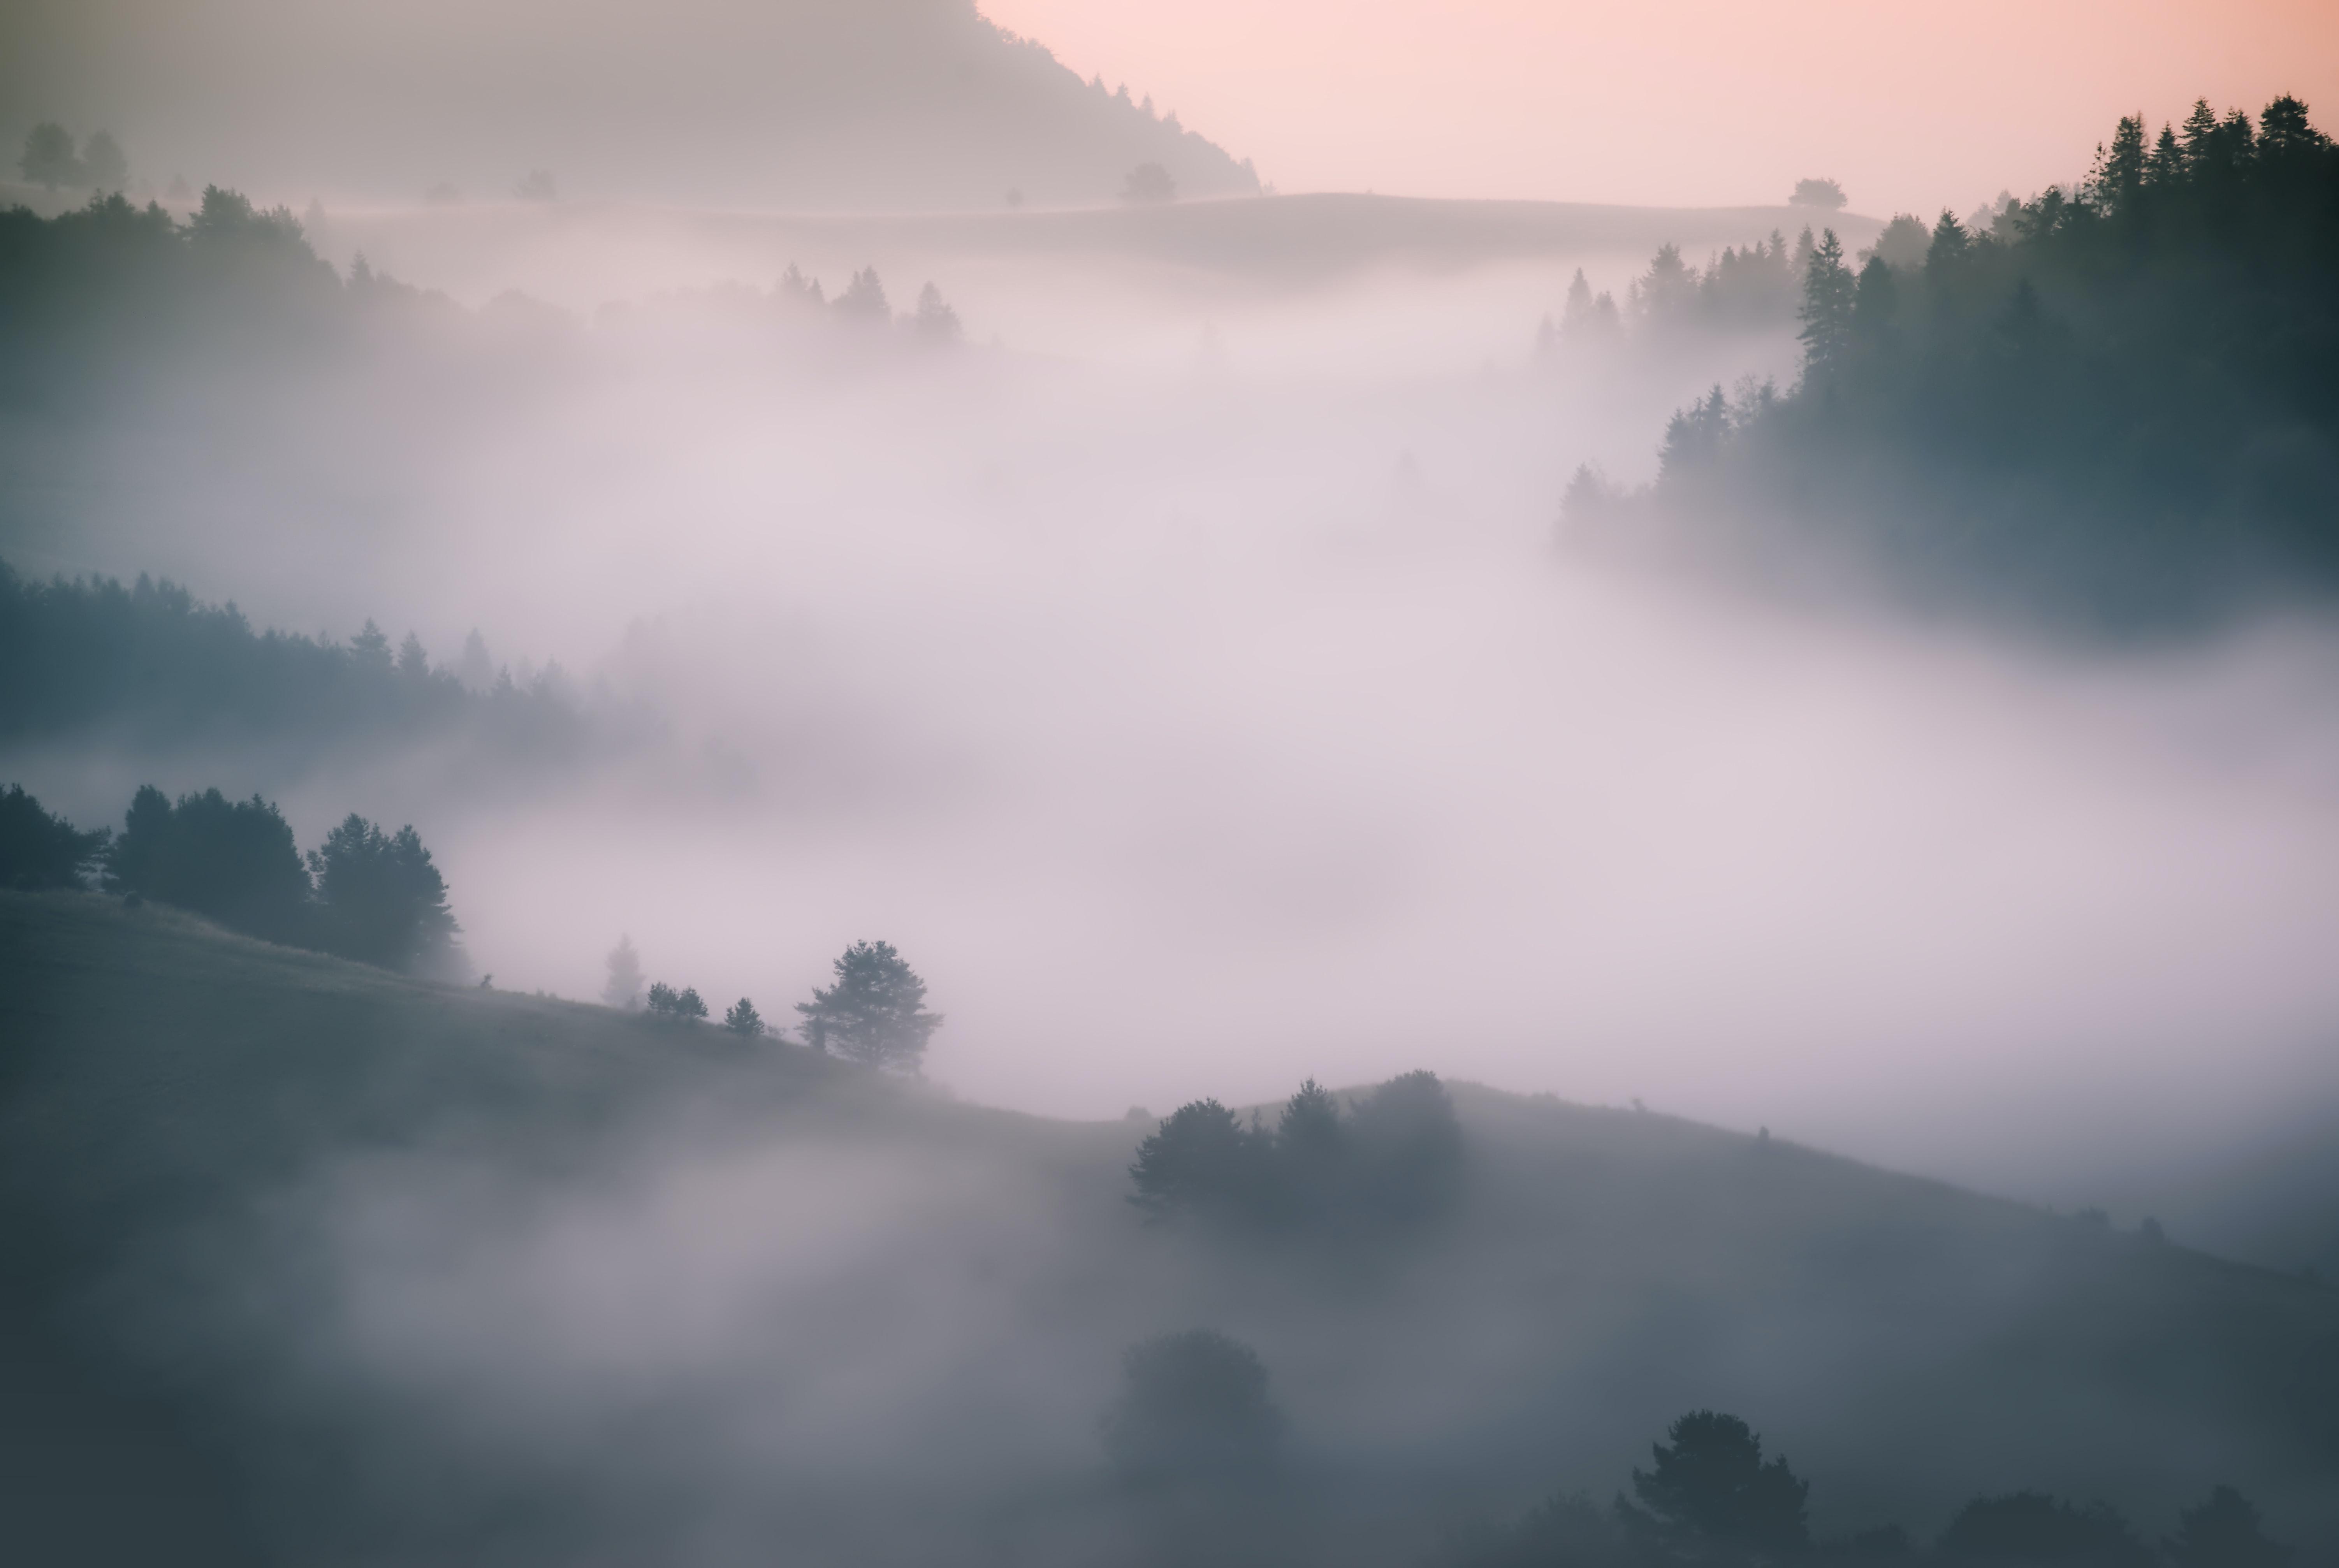 כשהערפל מתפזר, משבר האקלים מתגלה